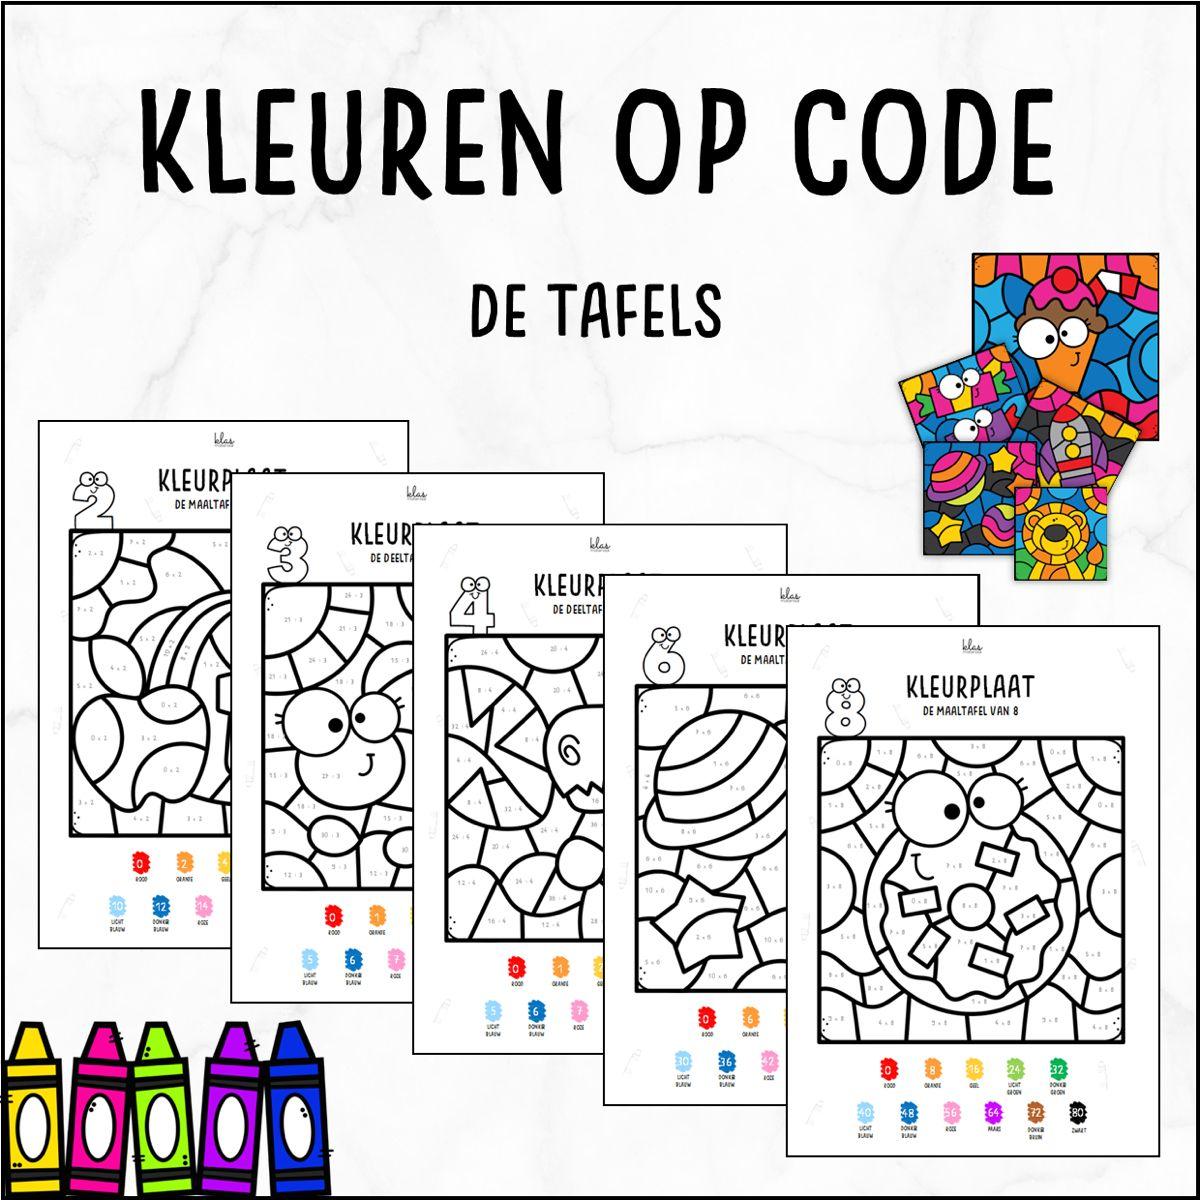 Kleuren Op Code De Tafels Tafel Kleurplaat Tafels Tafels Oefenen